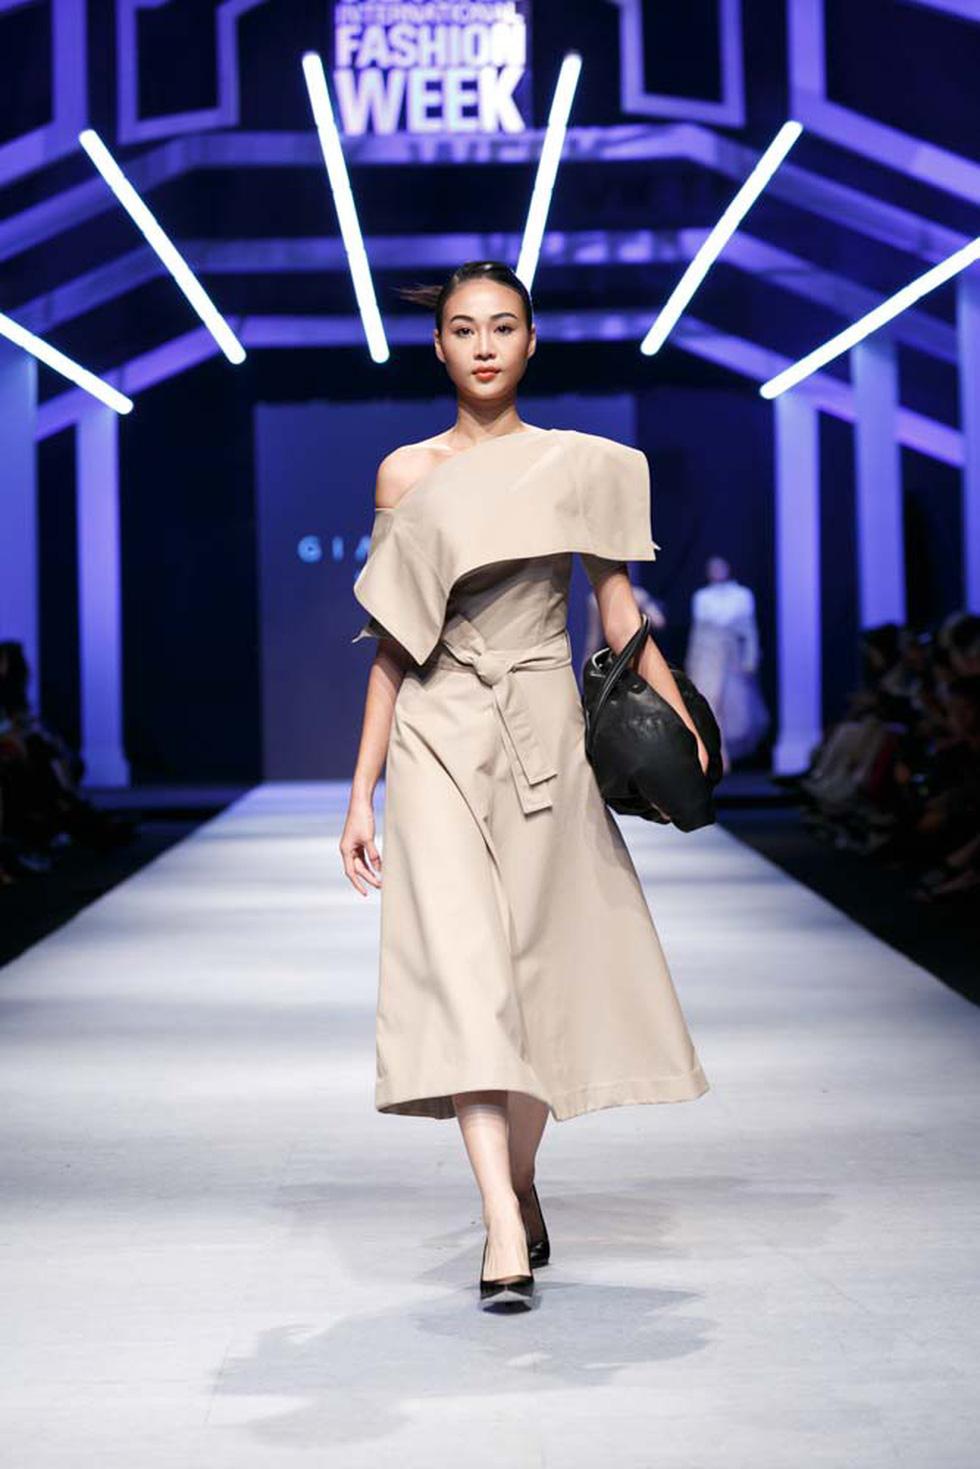 Lan Khuê, Lệ Nam mở màn Tuần lễ thời trang quốc tế Việt Nam - Ảnh 9.